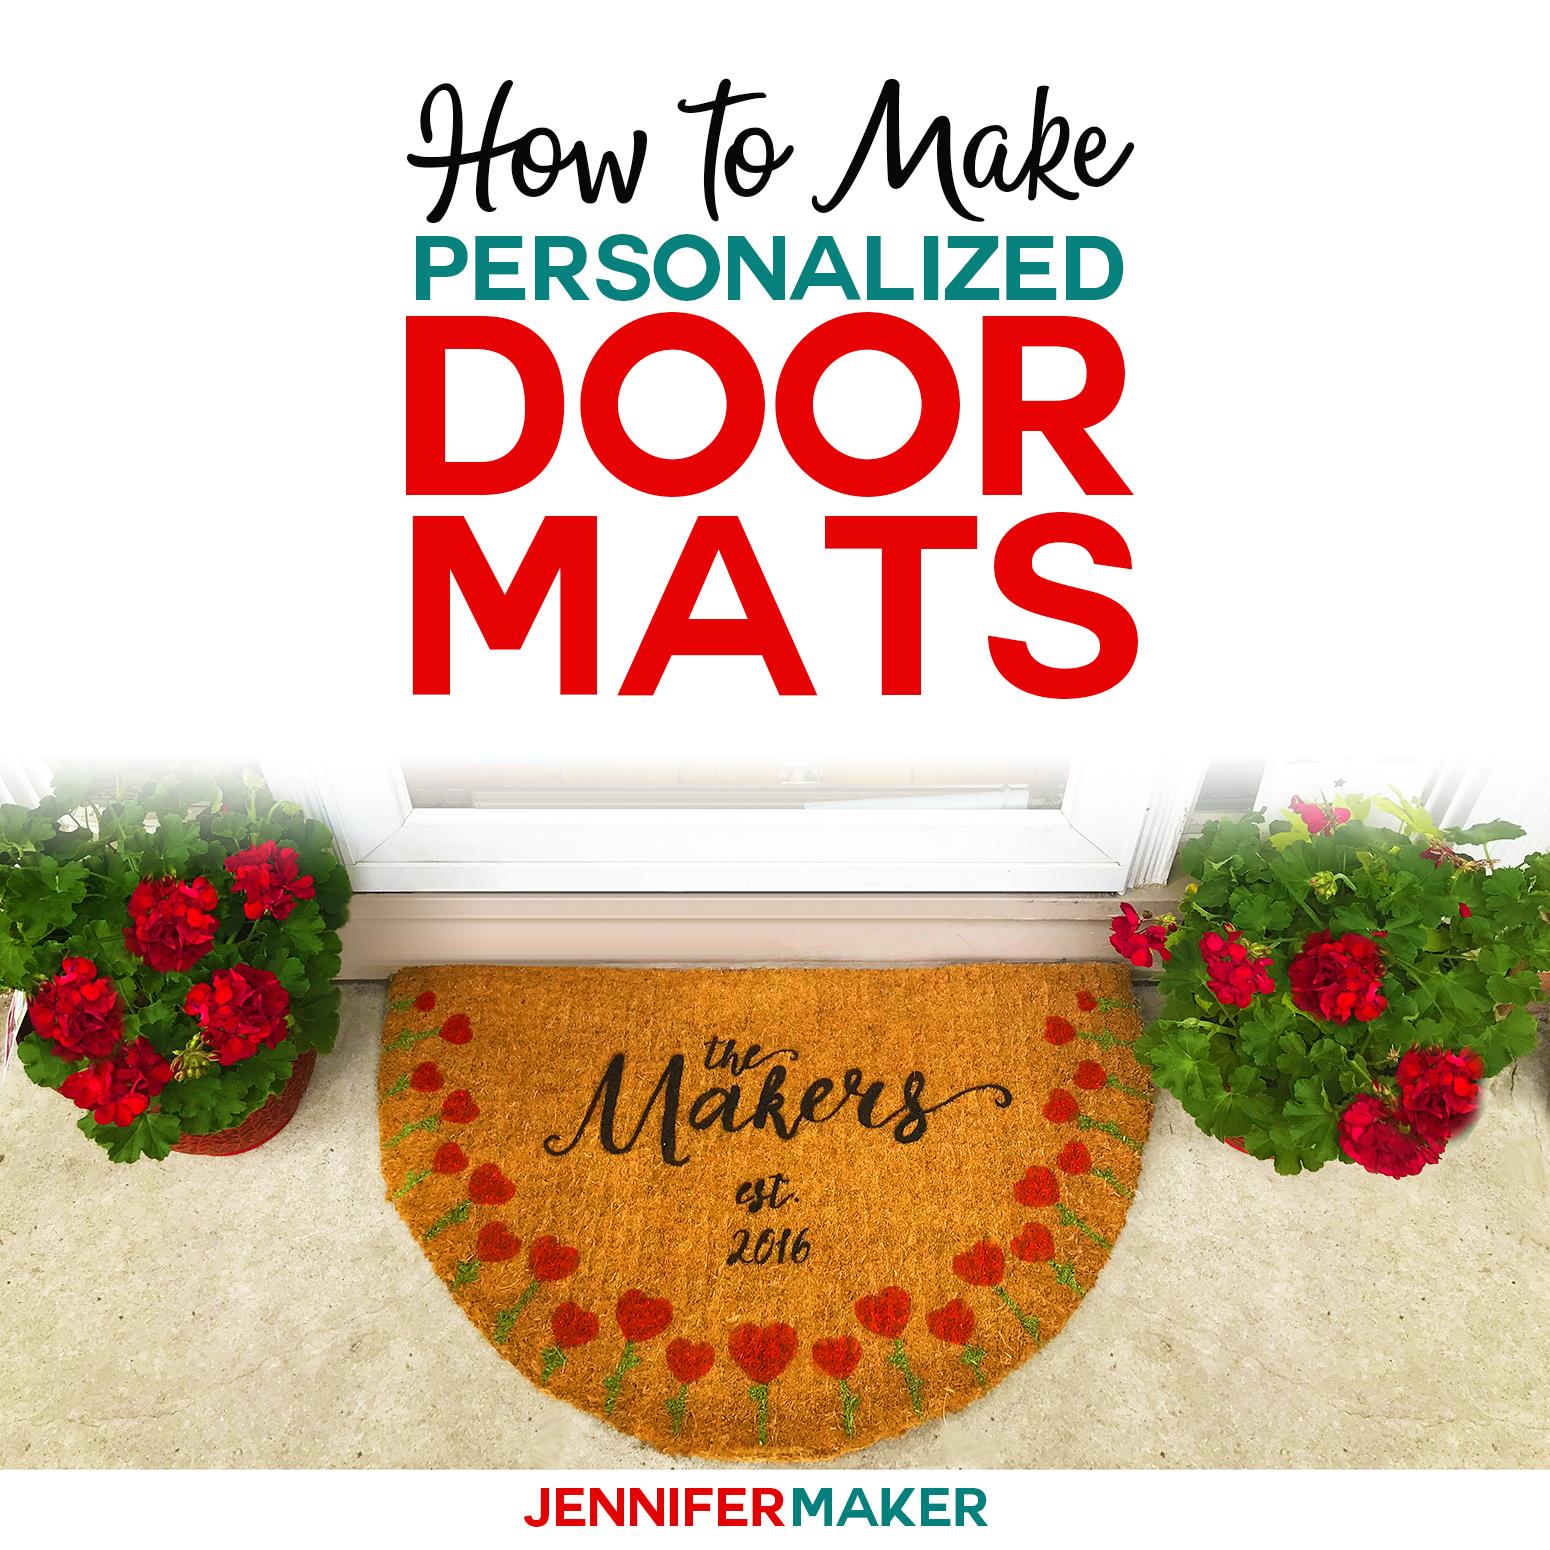 DIY Personalized Door Mats - Made on a Cricut! - Jennifer Maker